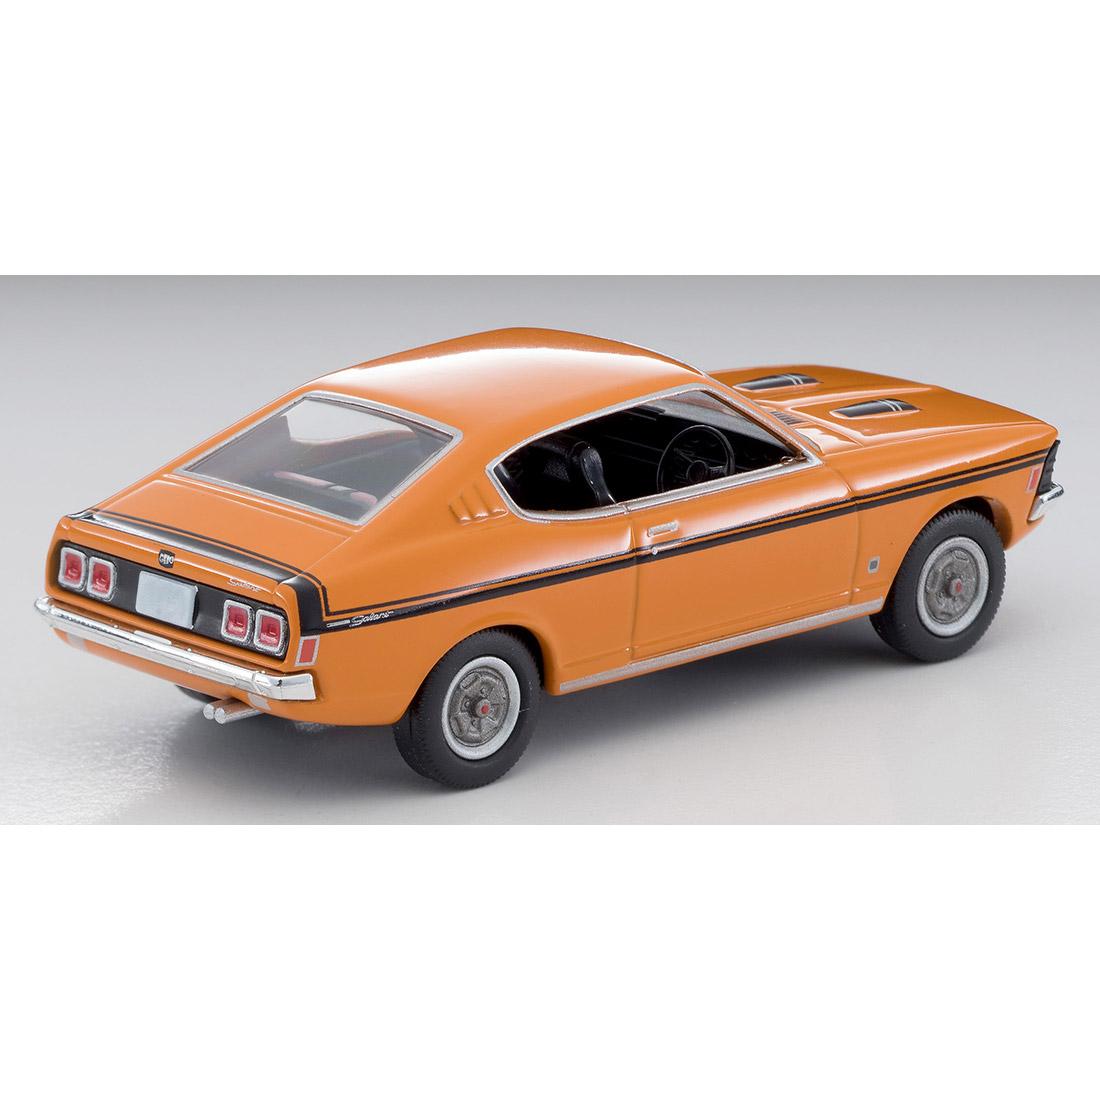 トミカリミテッドヴィンテージ ネオ LV-N204a『コルトギャランGTO MR(橙)』1/64 ミニカー-003